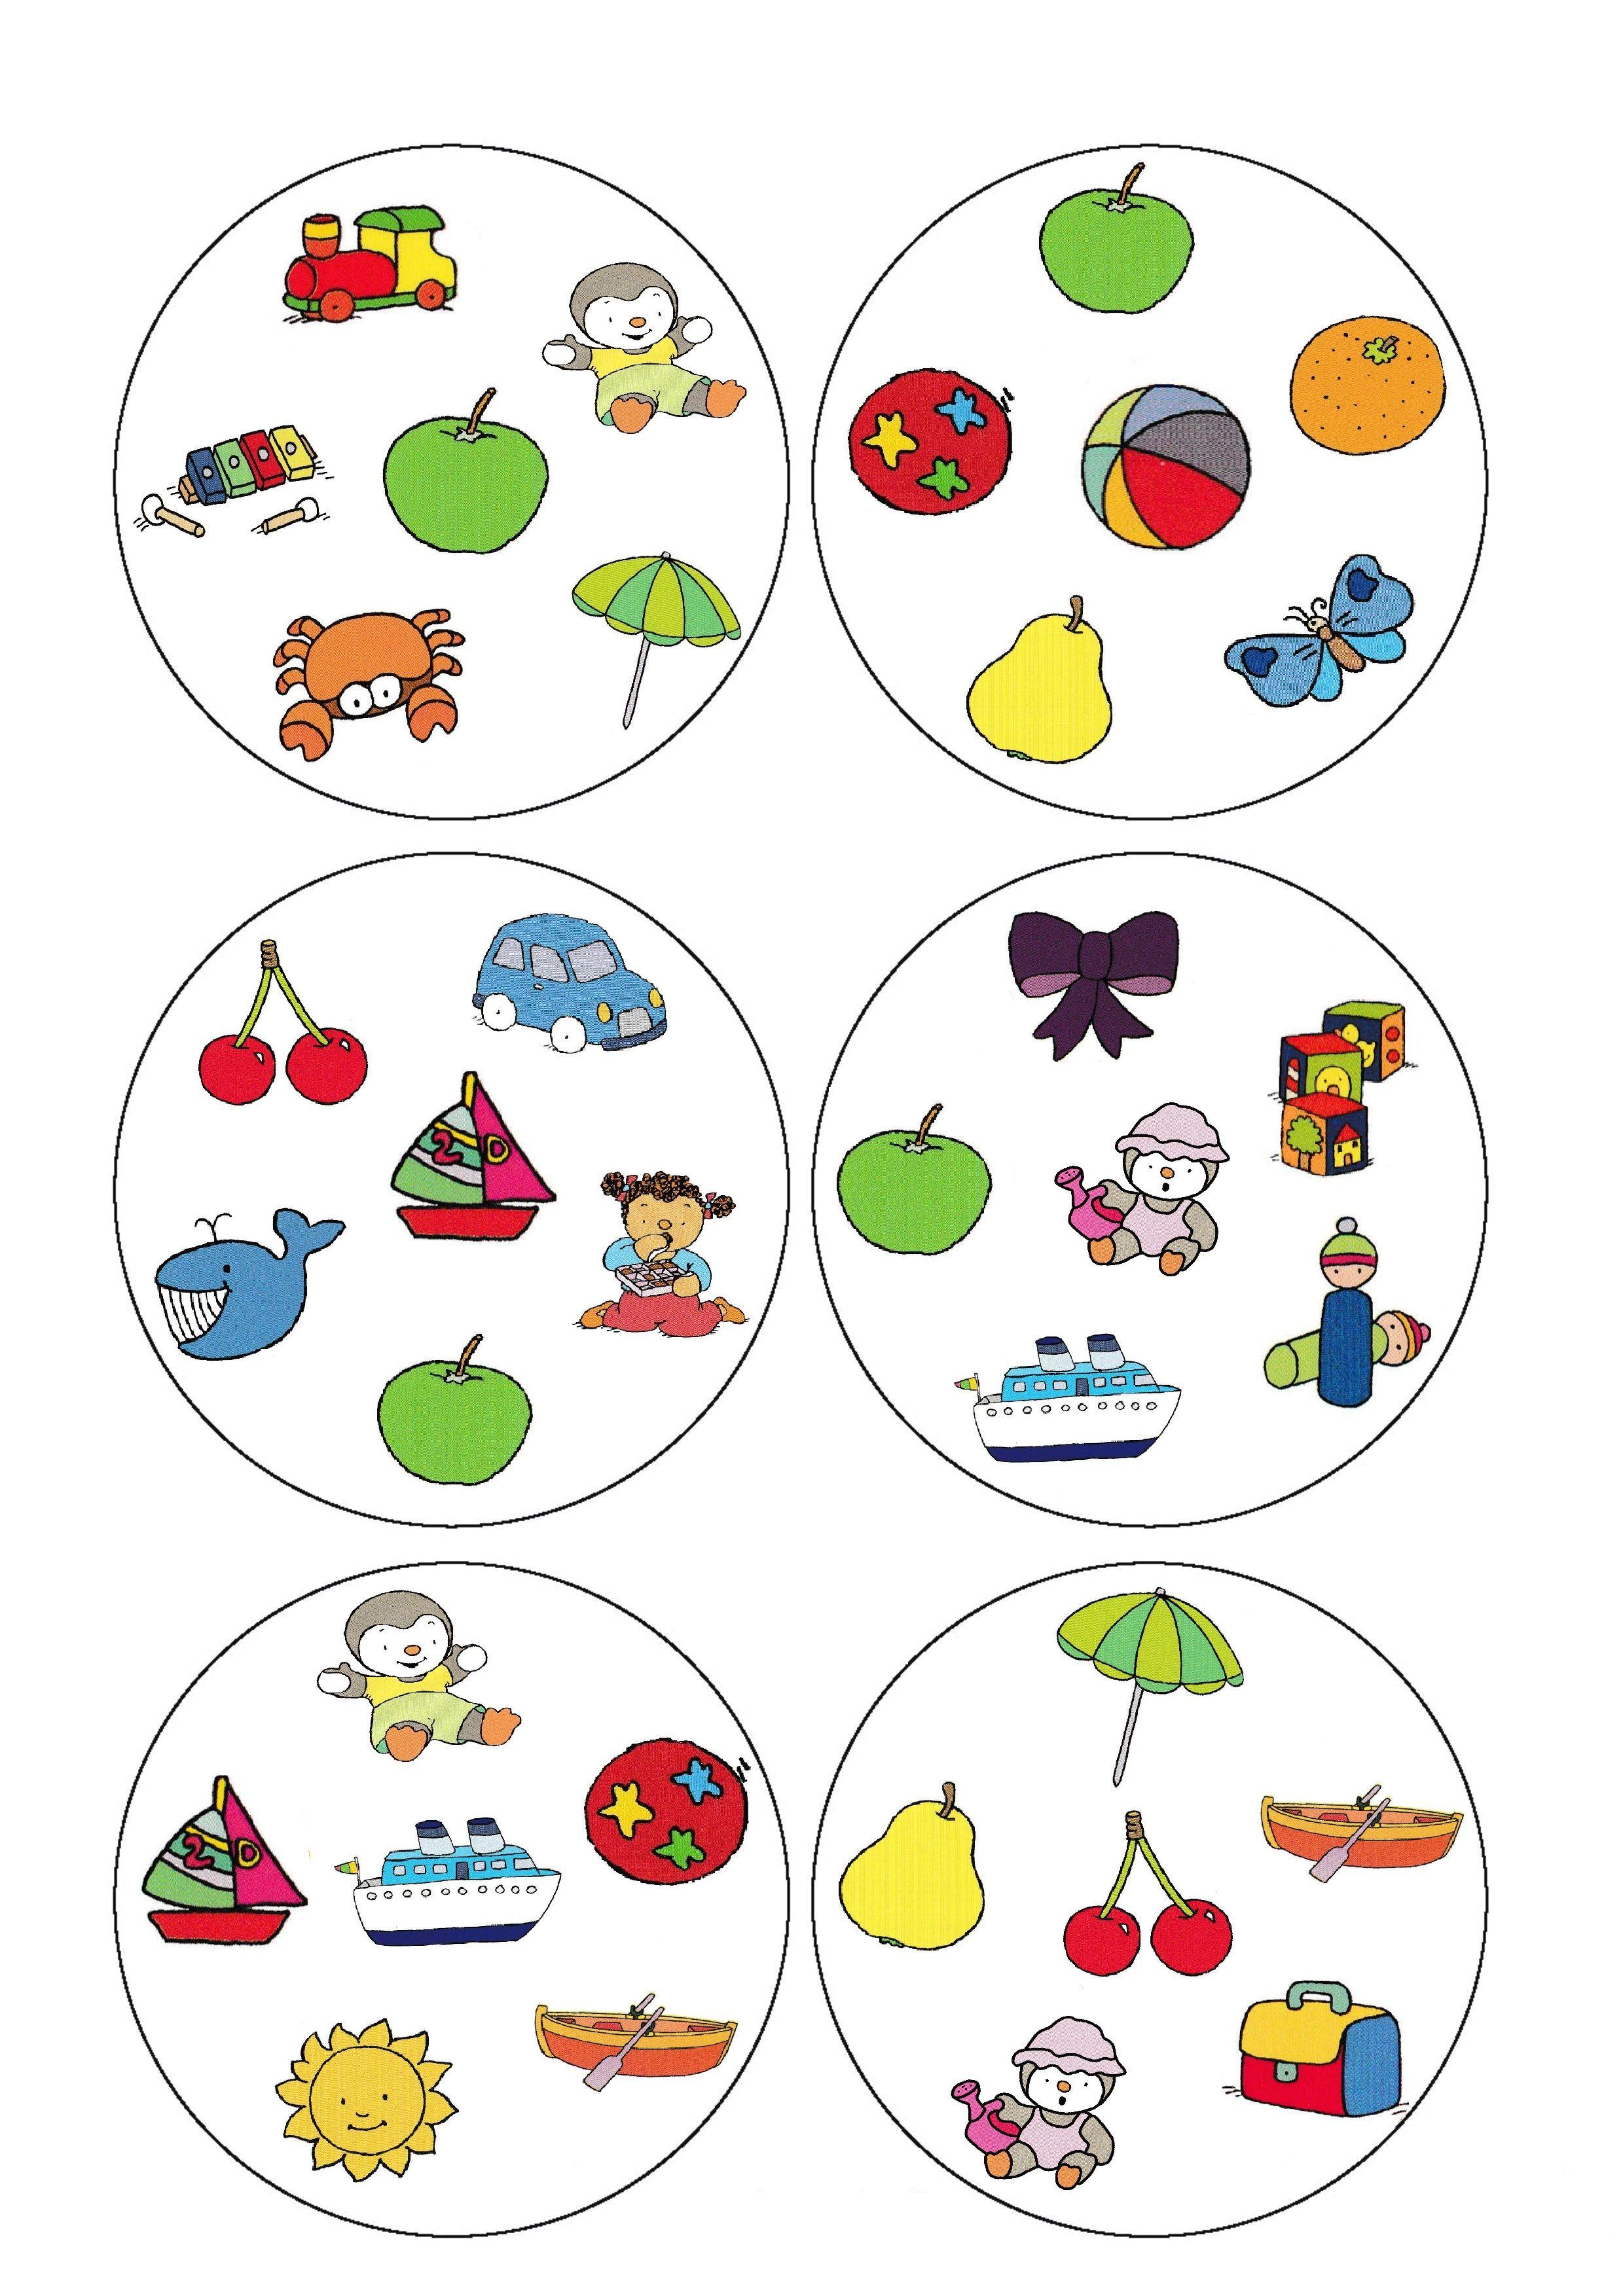 dobble jeu de carte a imprimer Jeu des doubles de T'choupi (avec images) | Jeux de dobble, Jeux a